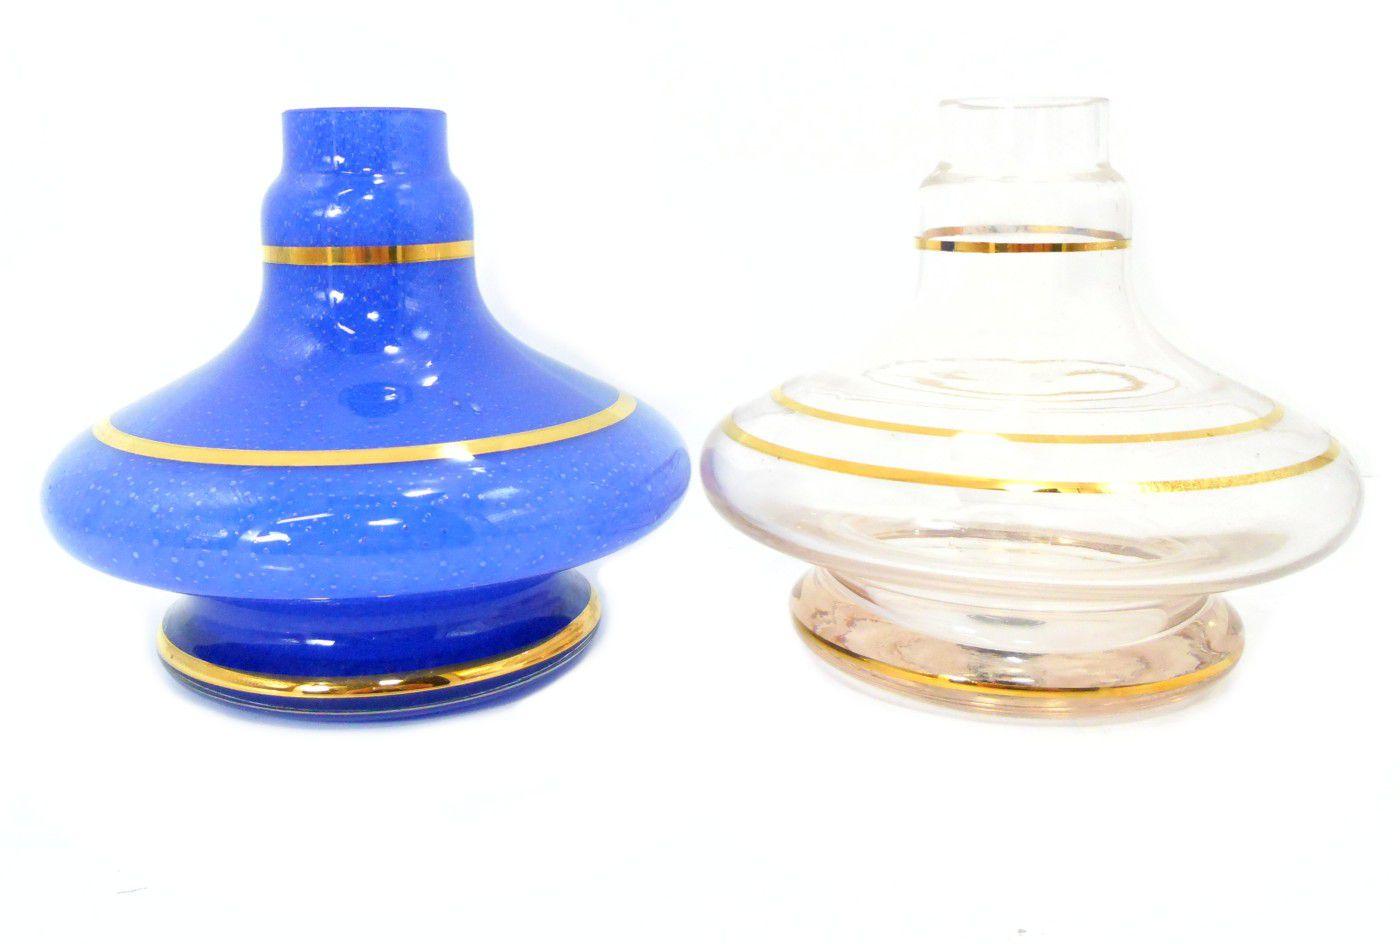 Vaso/base para narguile GÊNIO/ALADIN com LISTRA DOURADA (13cm), Shisha Glass. Encaixe macho.